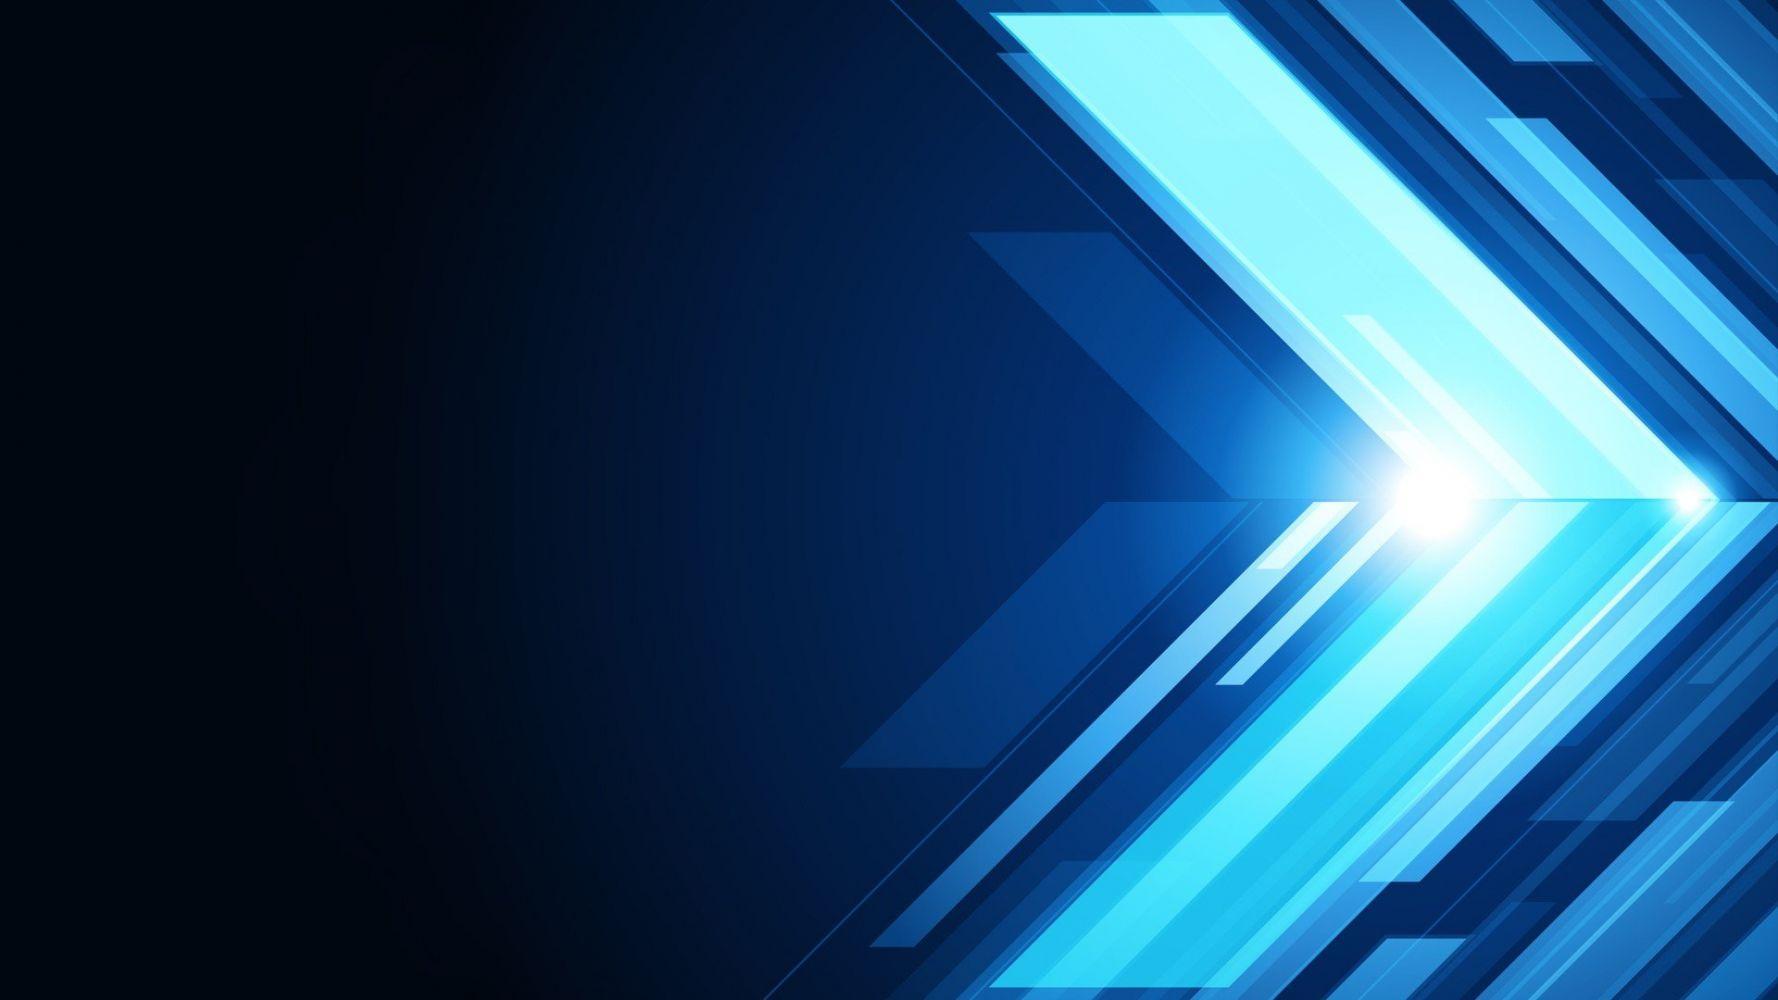 Hình nền màu xanh cho power point